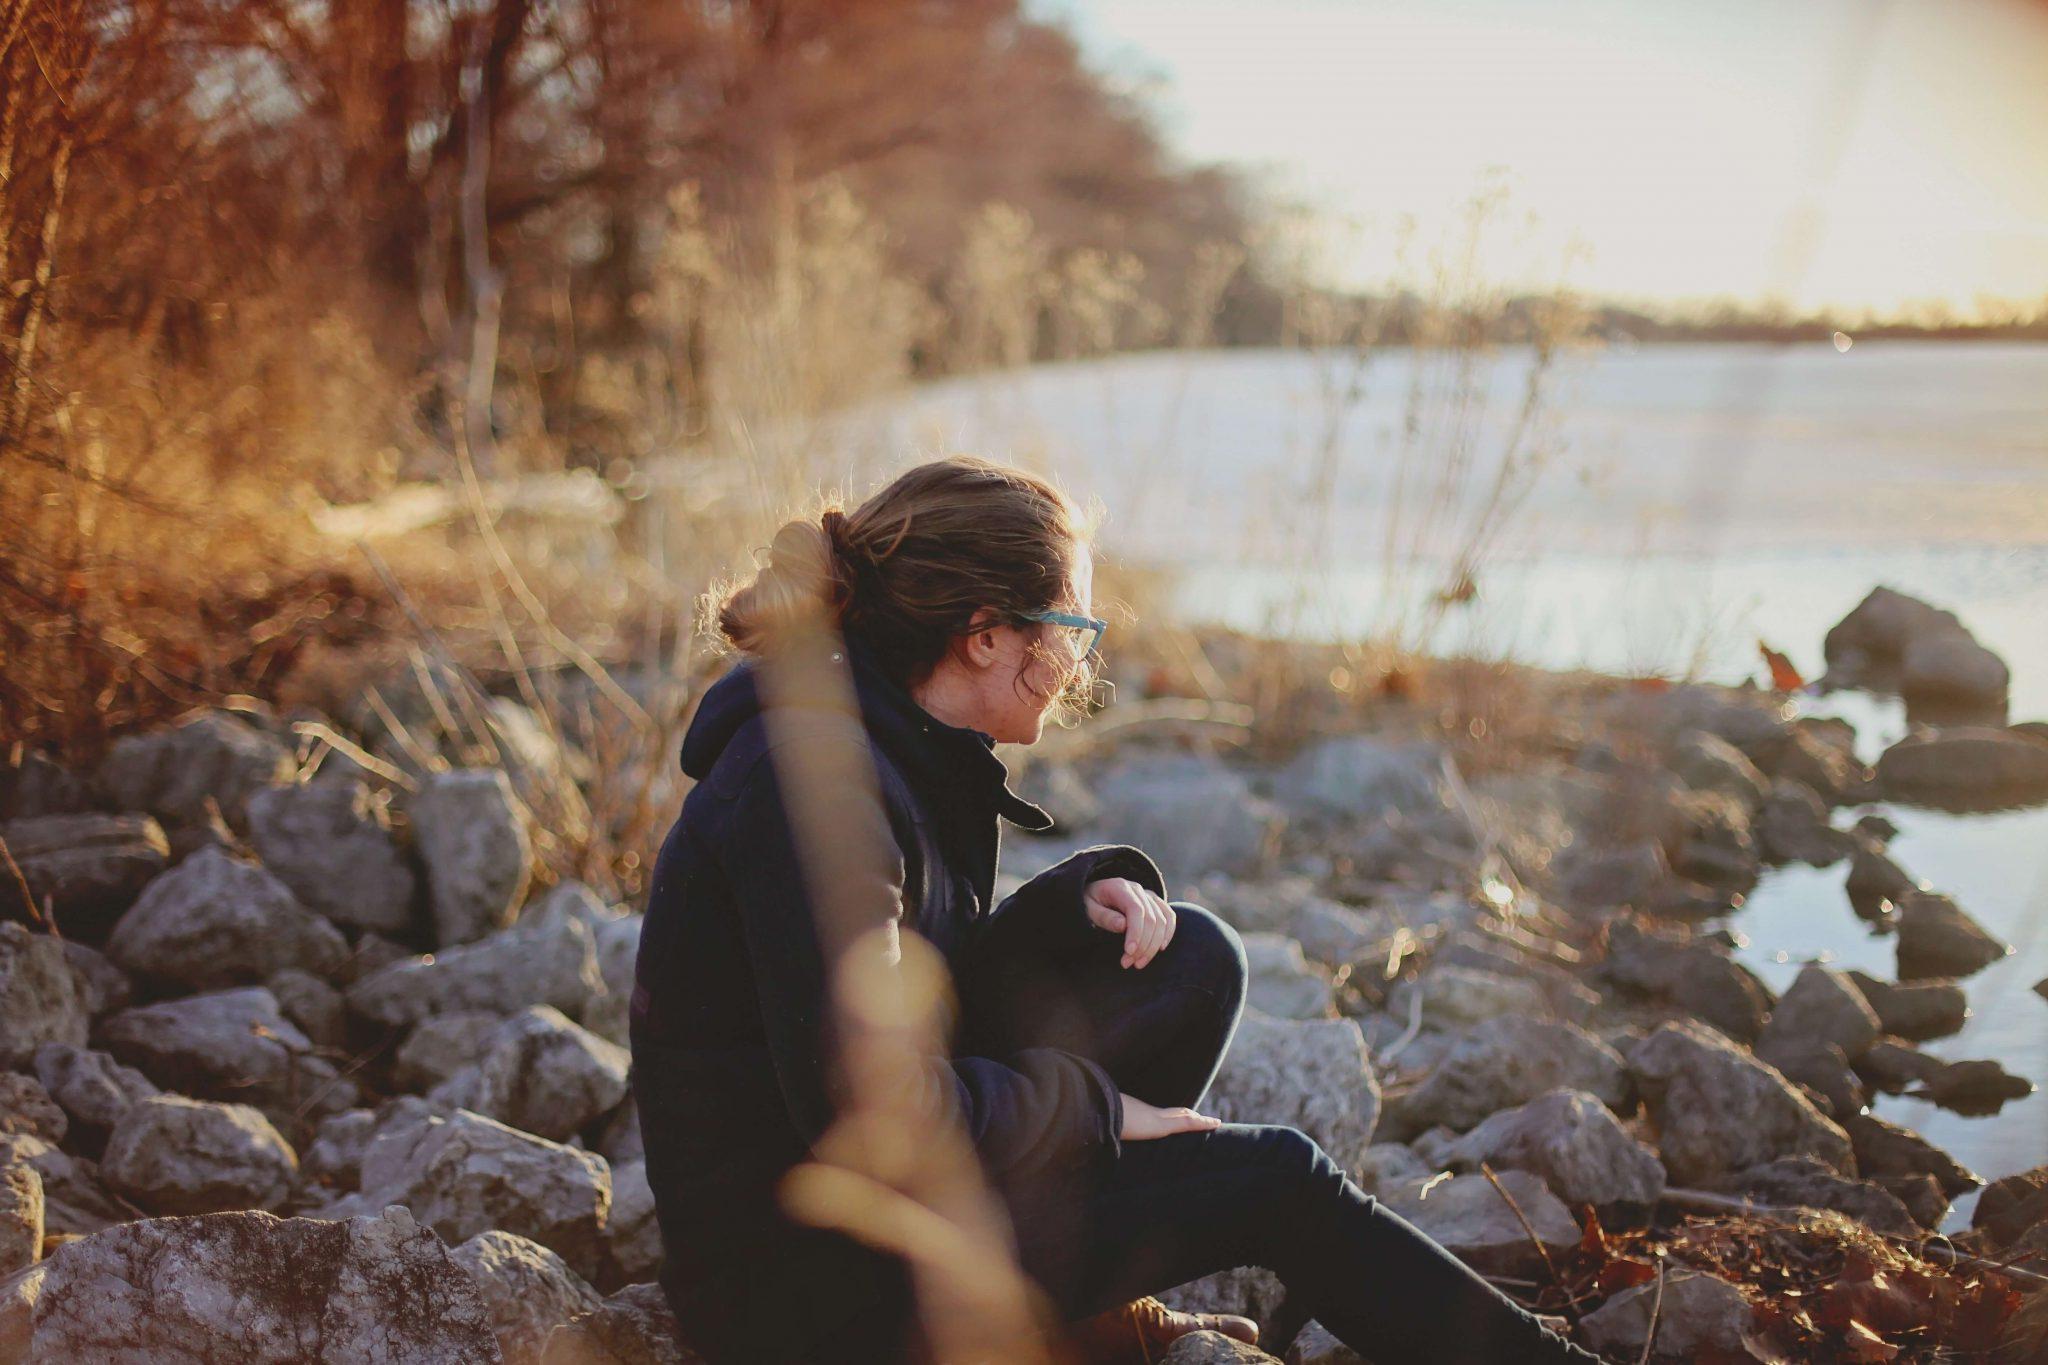 samotność, samotne spędzanie czasu, bycie ze sobą, przebywanie sam na sam, miłość do siebie, jak pokochać siebie, jak odnalezc drogę w życiu